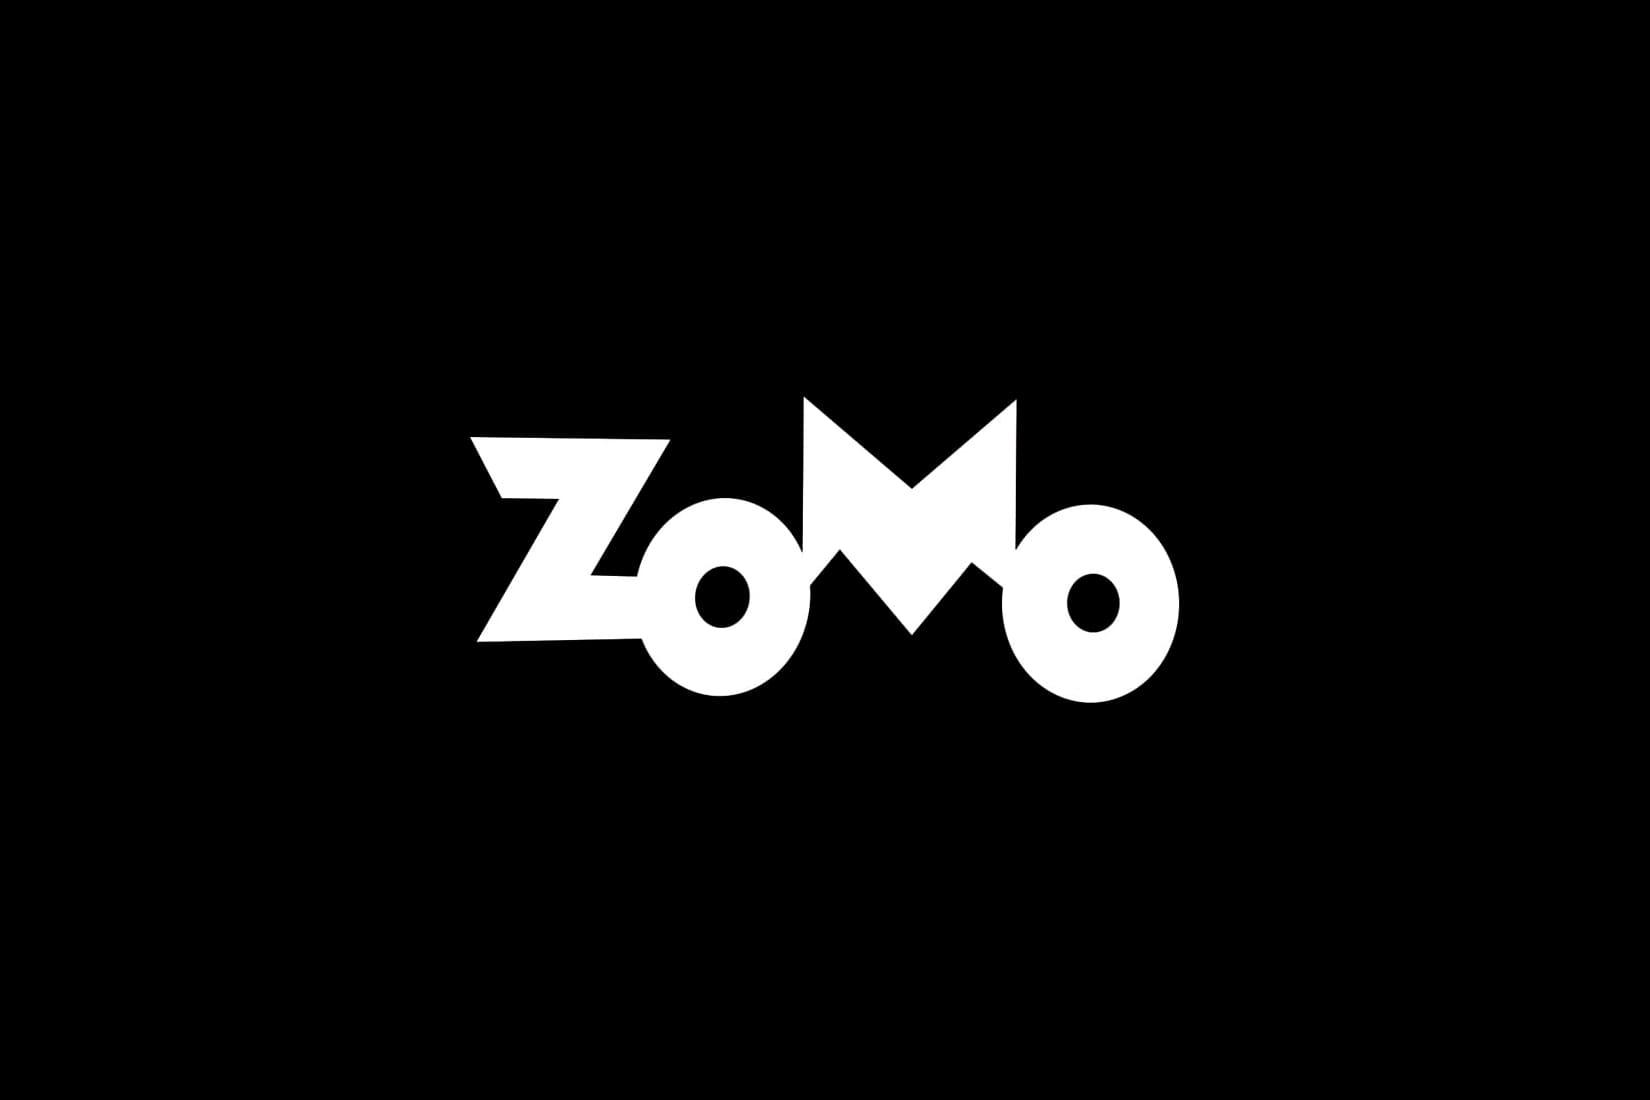 Табак для кальяна ZOMO: описание, вкусы, миксы, отзывы